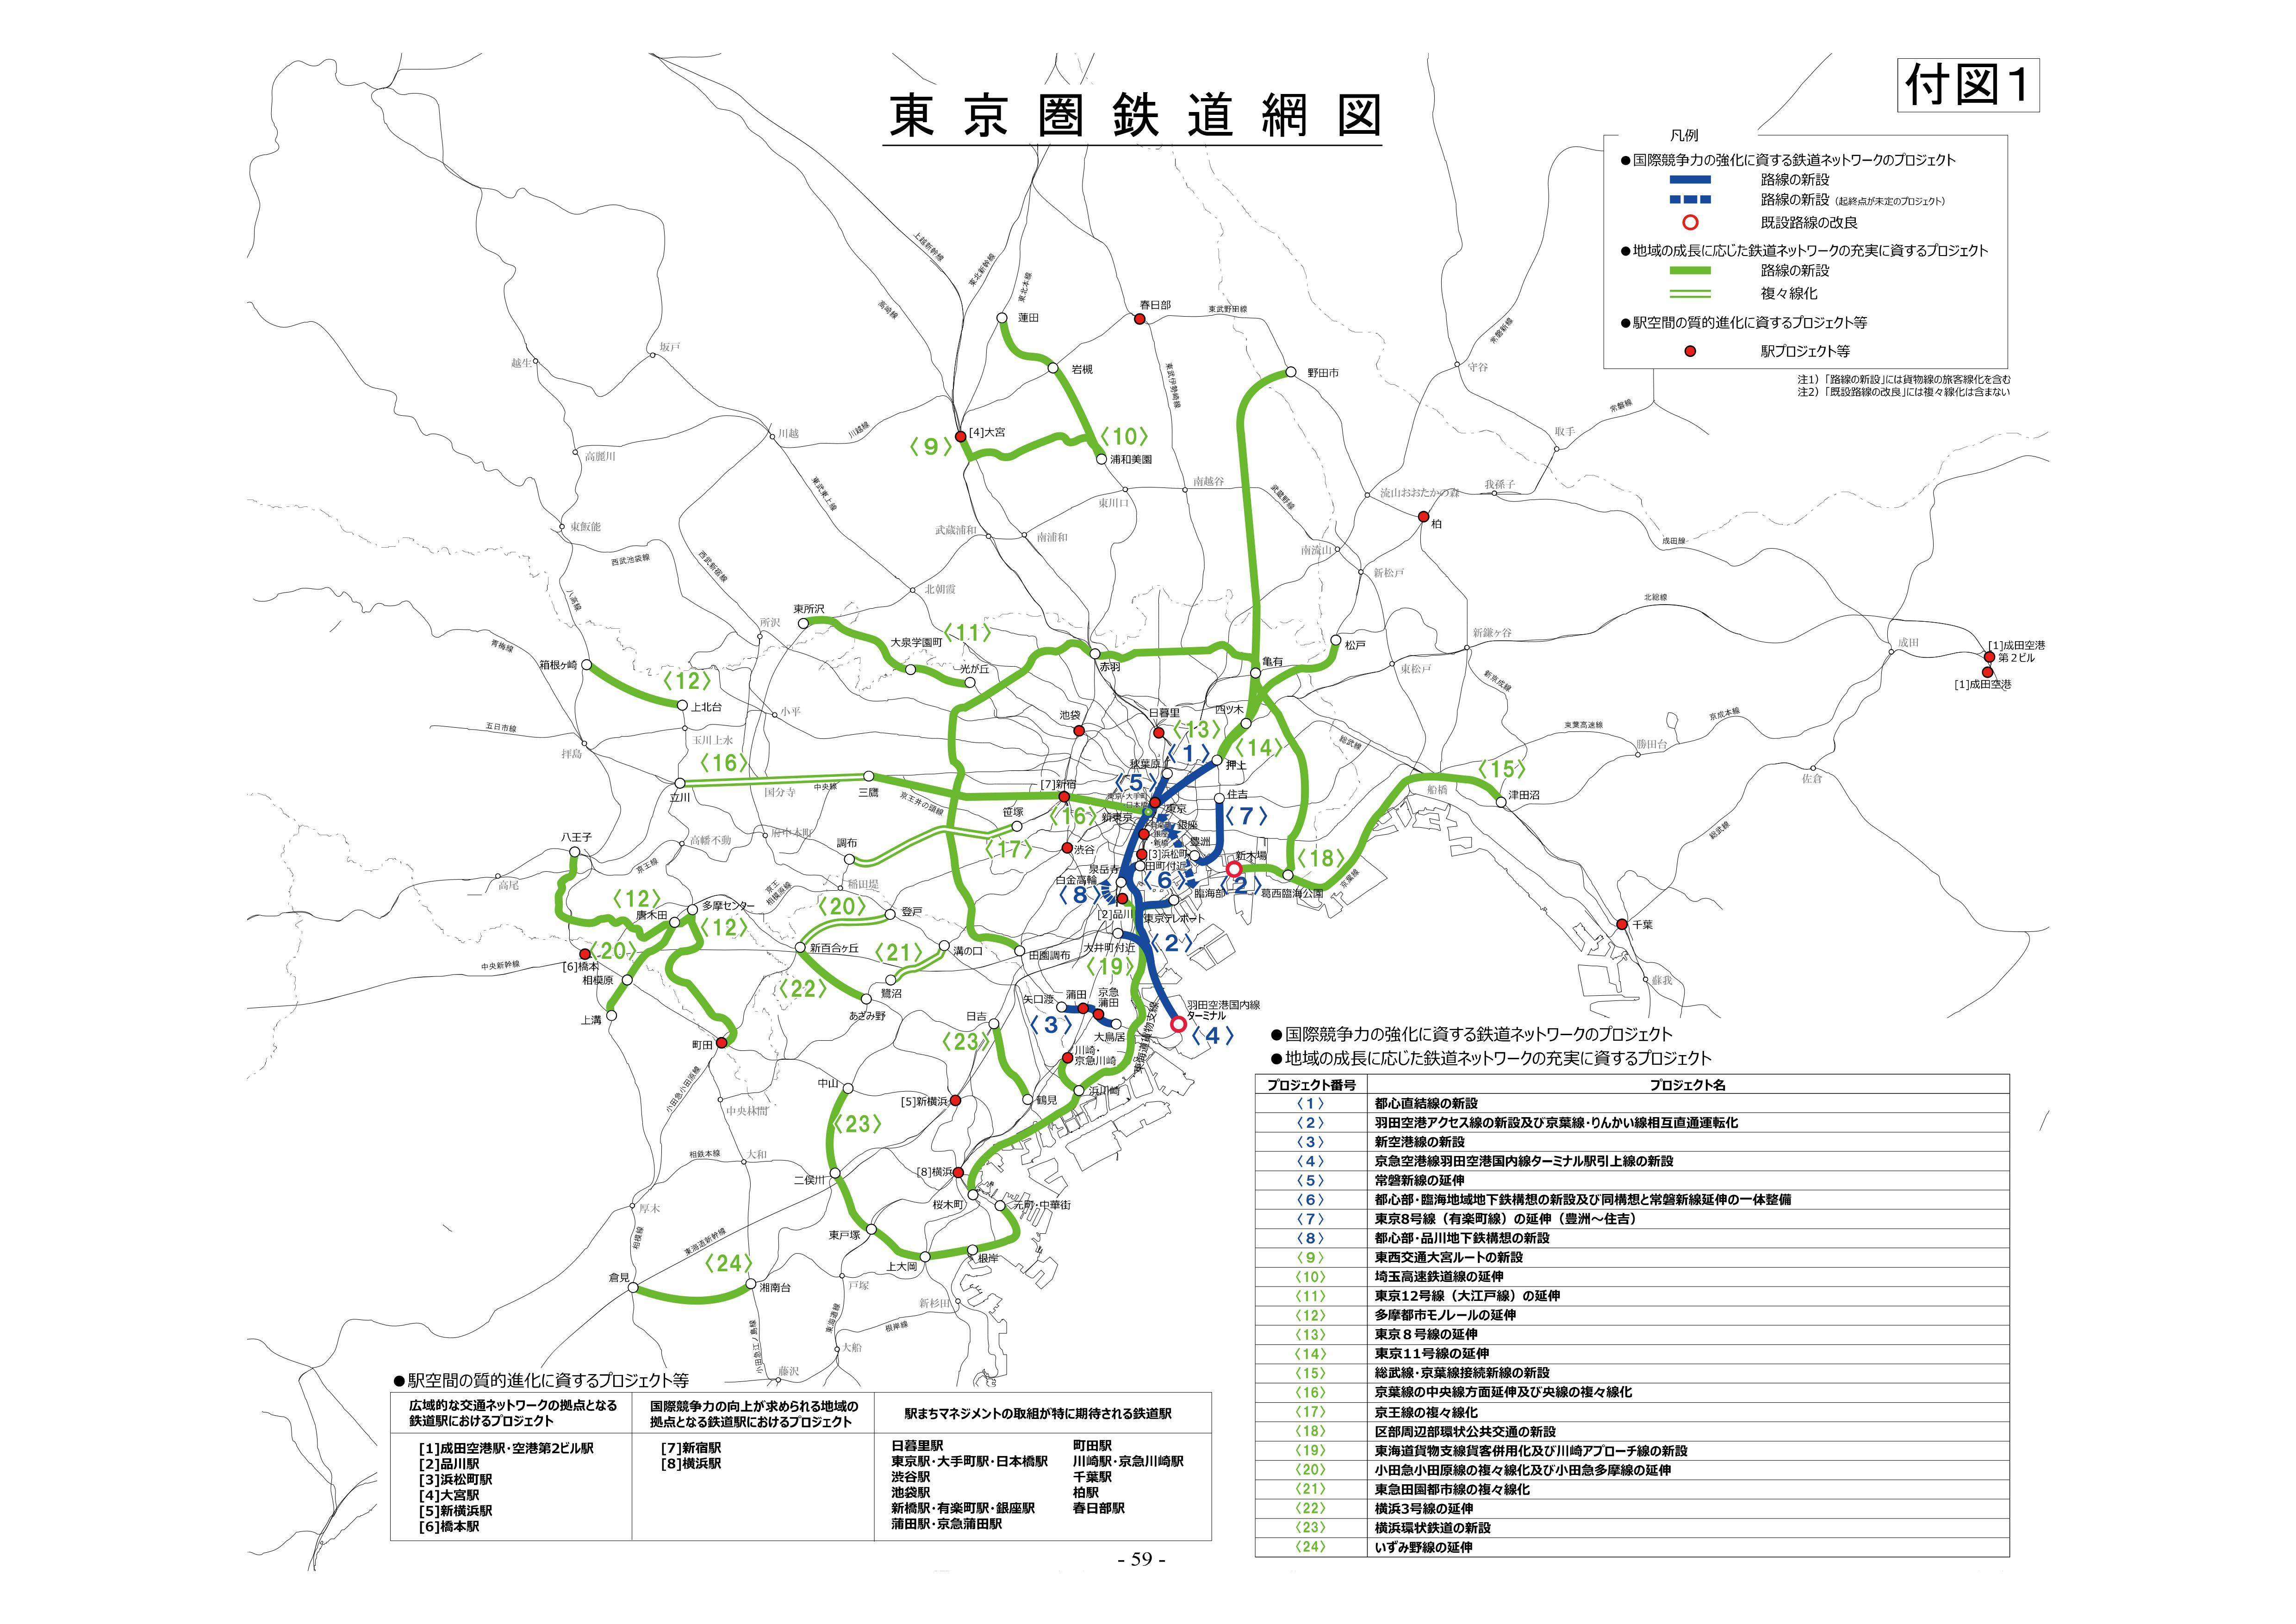 国土交通省(2016)「資料2:東京圏における今後の都市鉄道のあり方 について (案)」